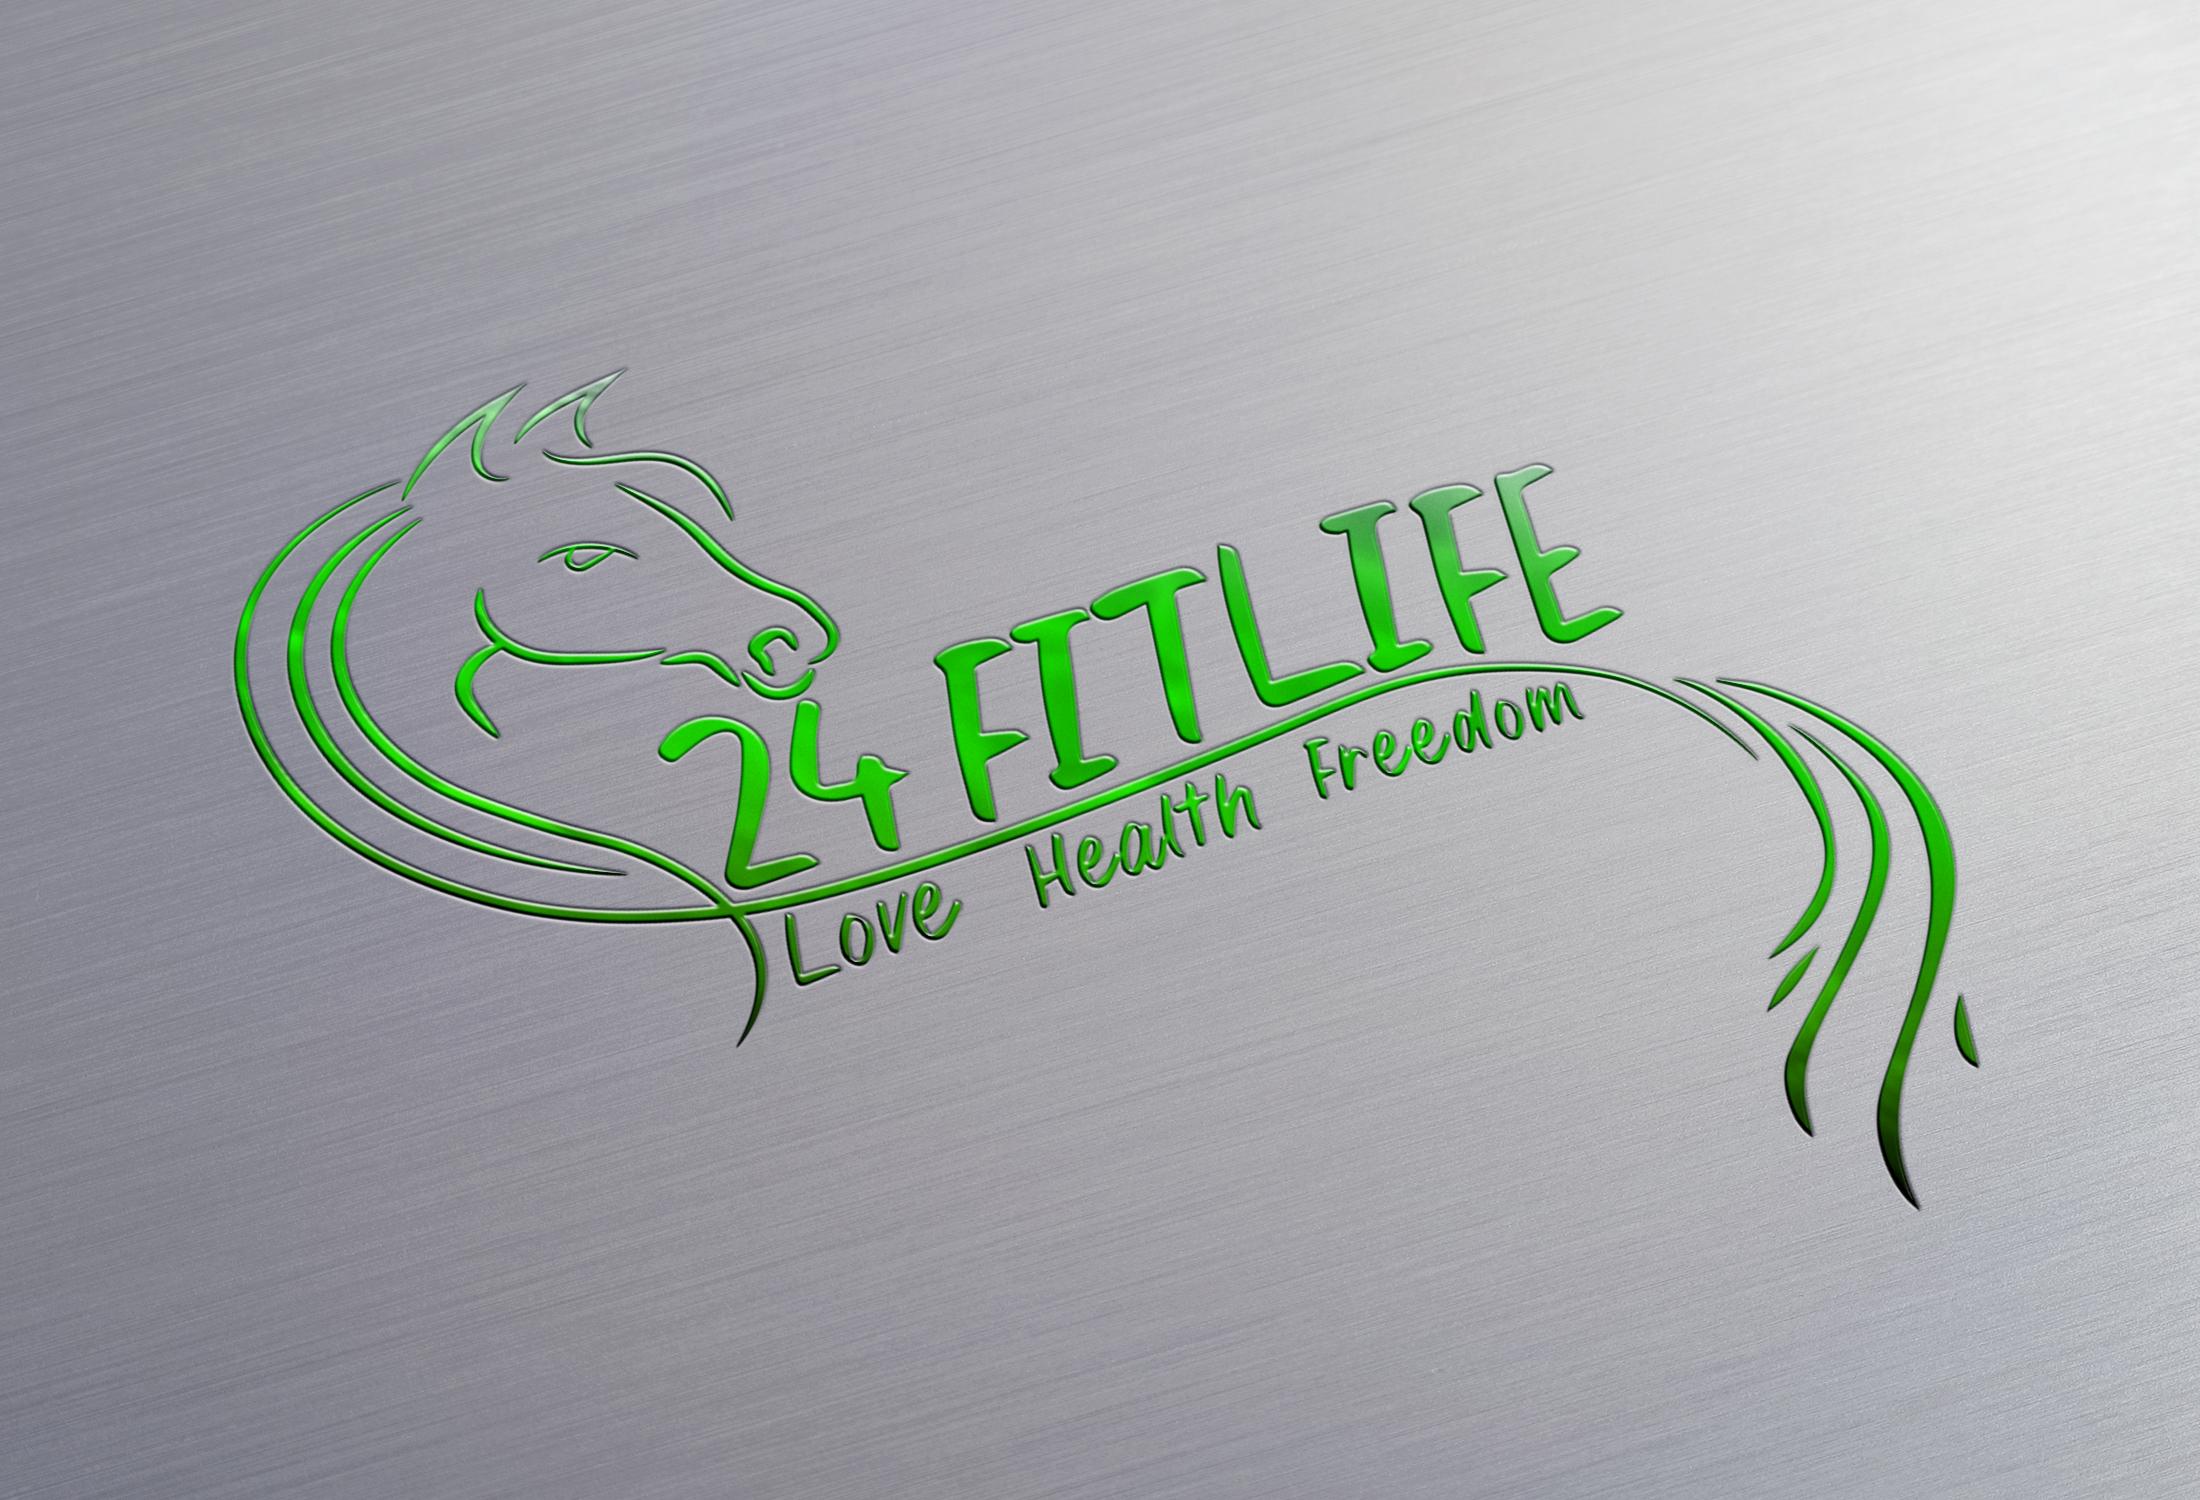 24Fitlife - Független Herbalife Tanácsadó